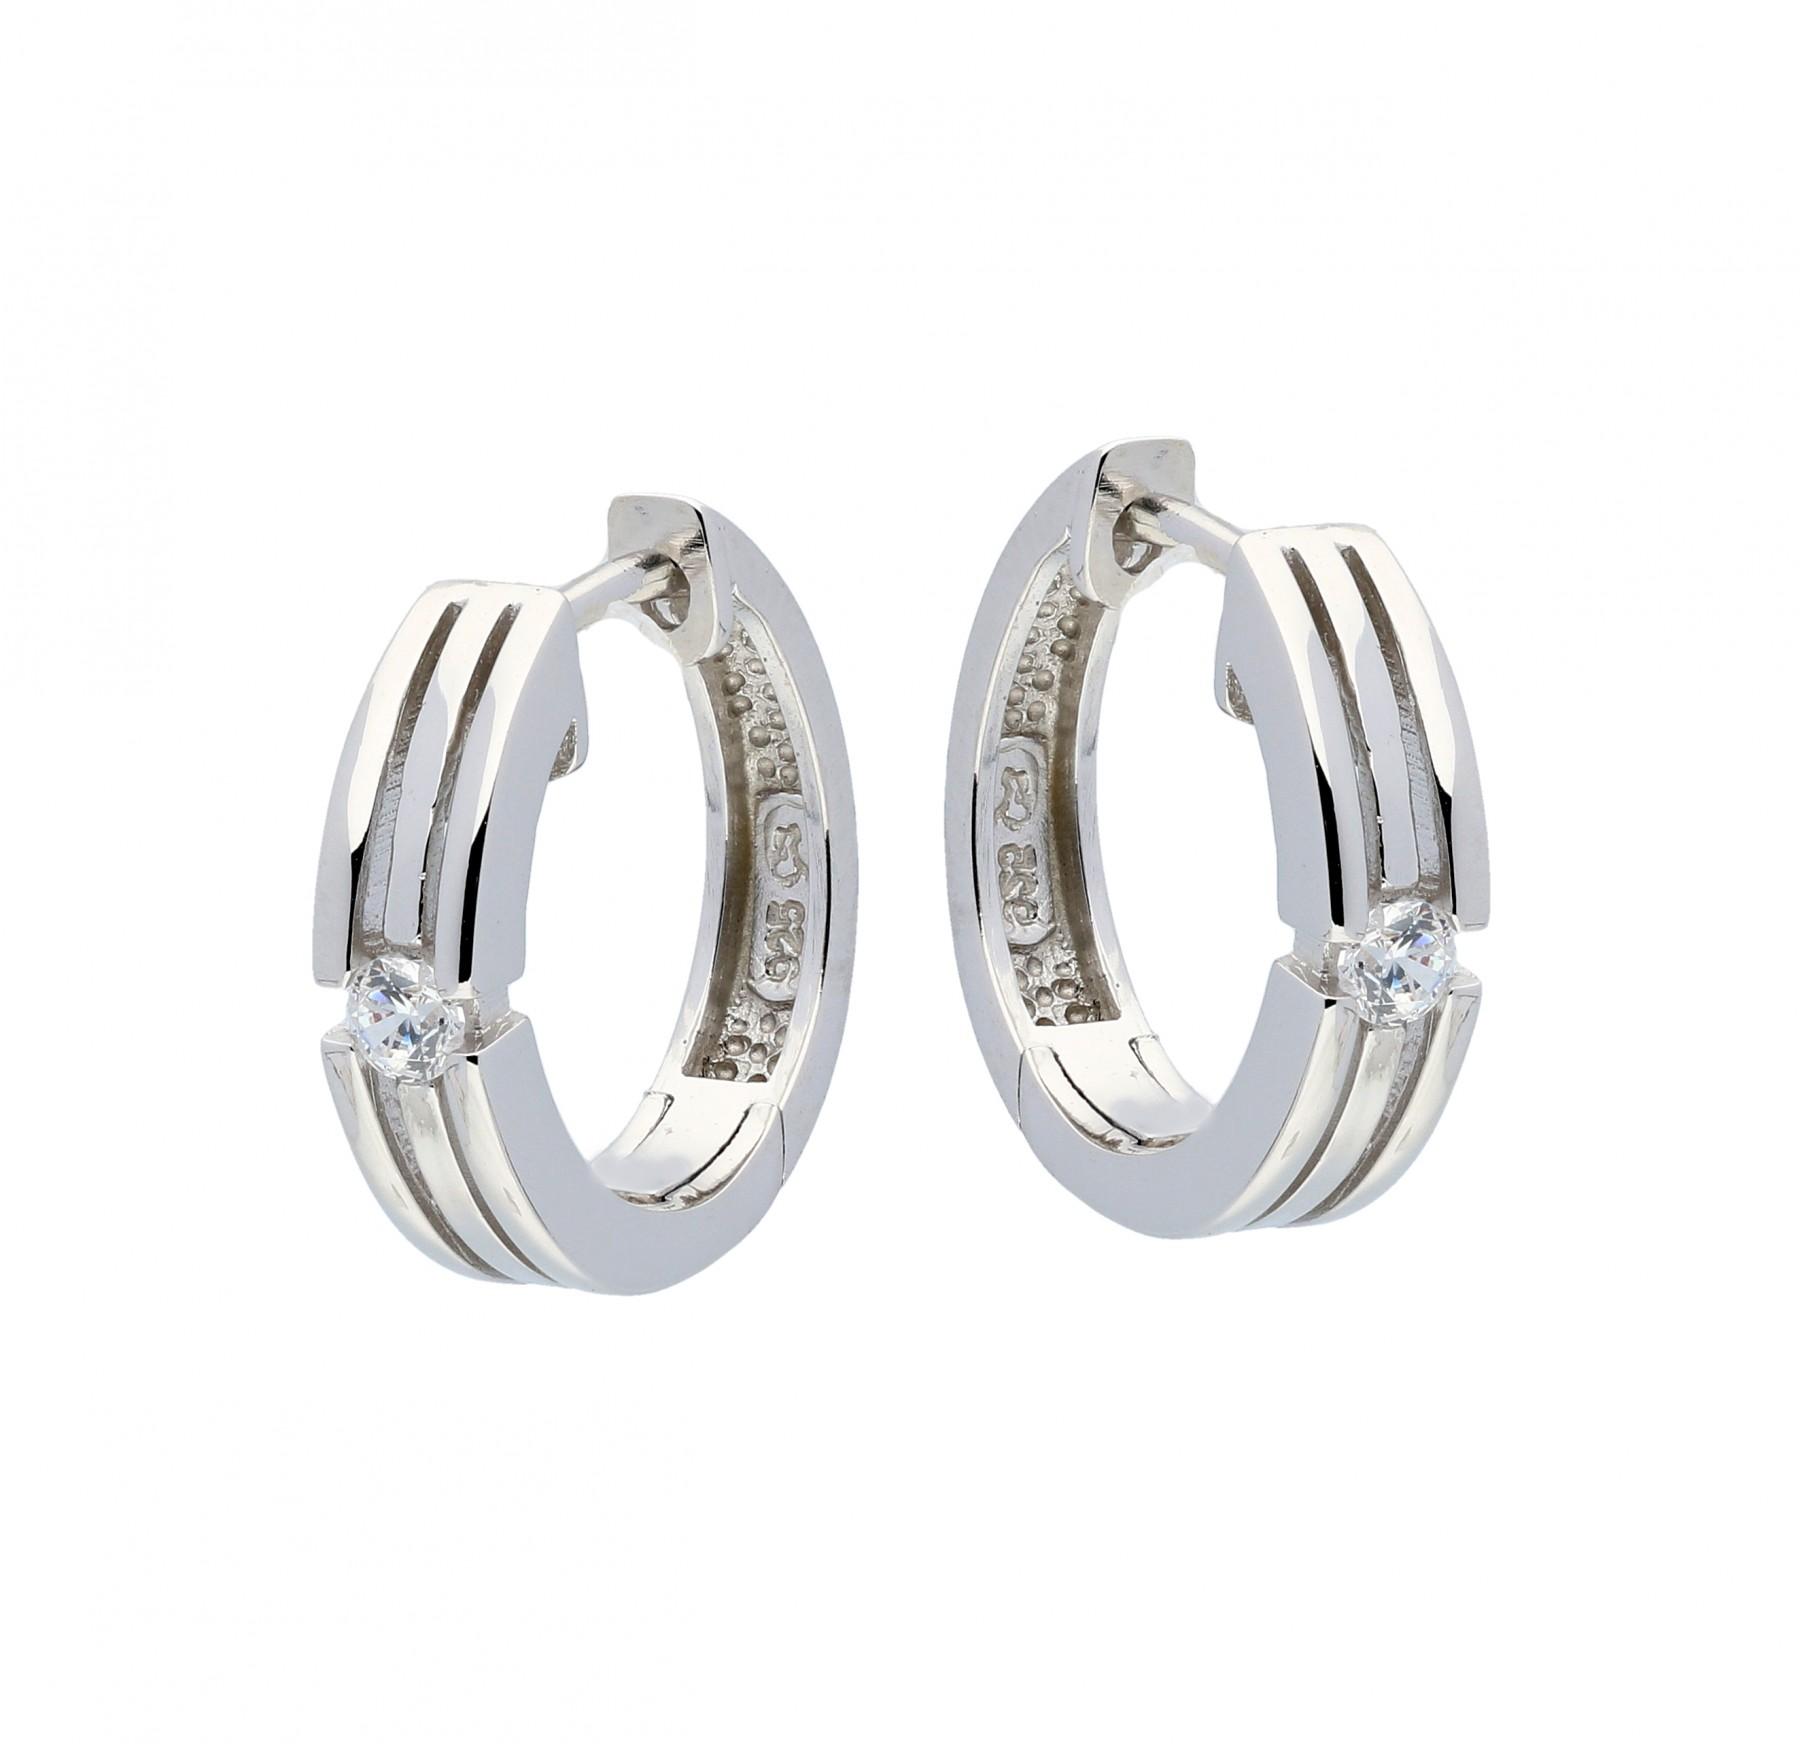 Zilveren klapcreolen - zirkonia - 4 mm - gerodineerd 107.5193.00